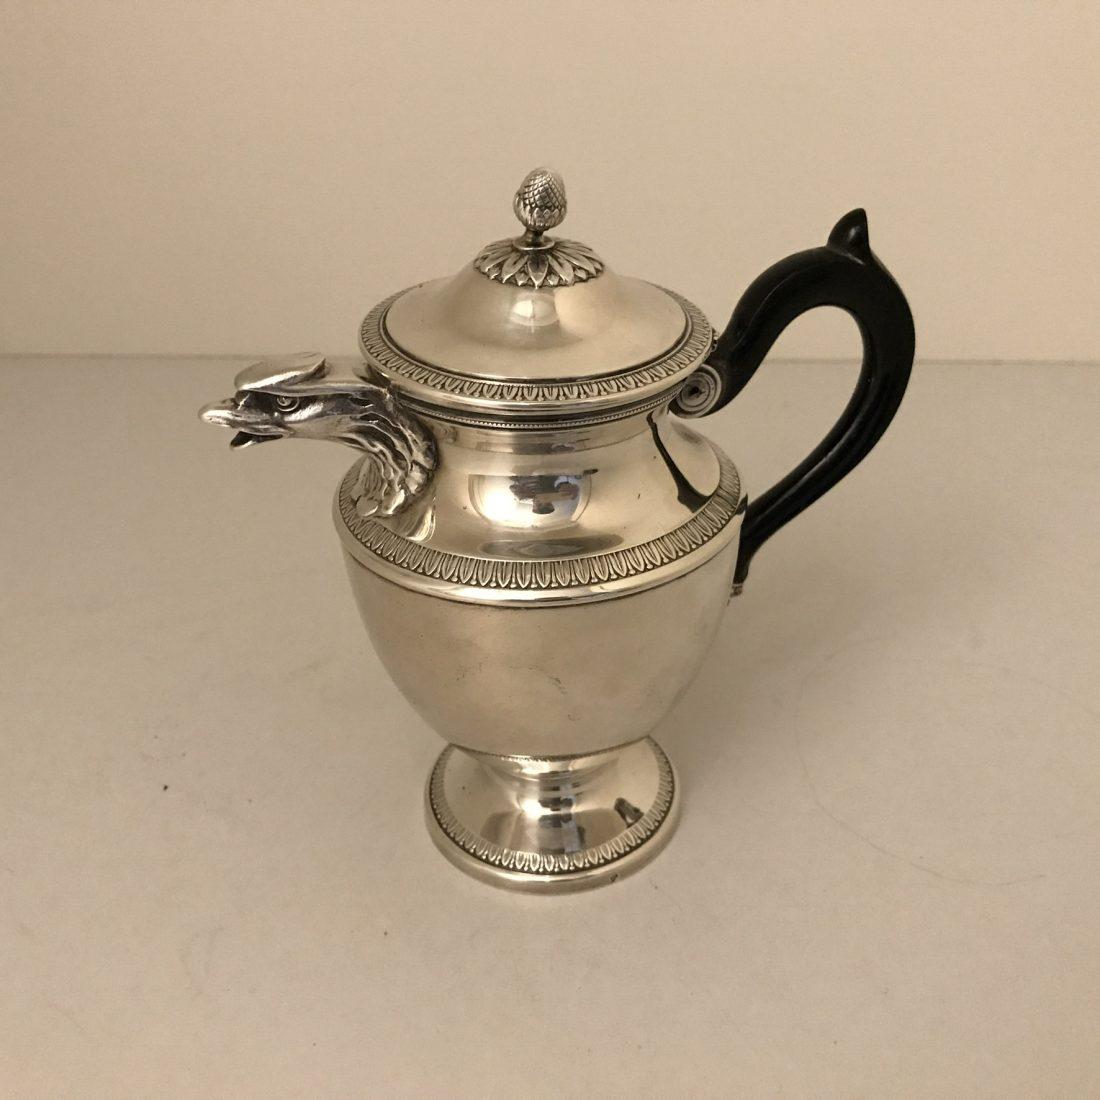 Zilveren koffiekannetje met ebbenhouten handvat, Nederlands, eind 19e eeuw